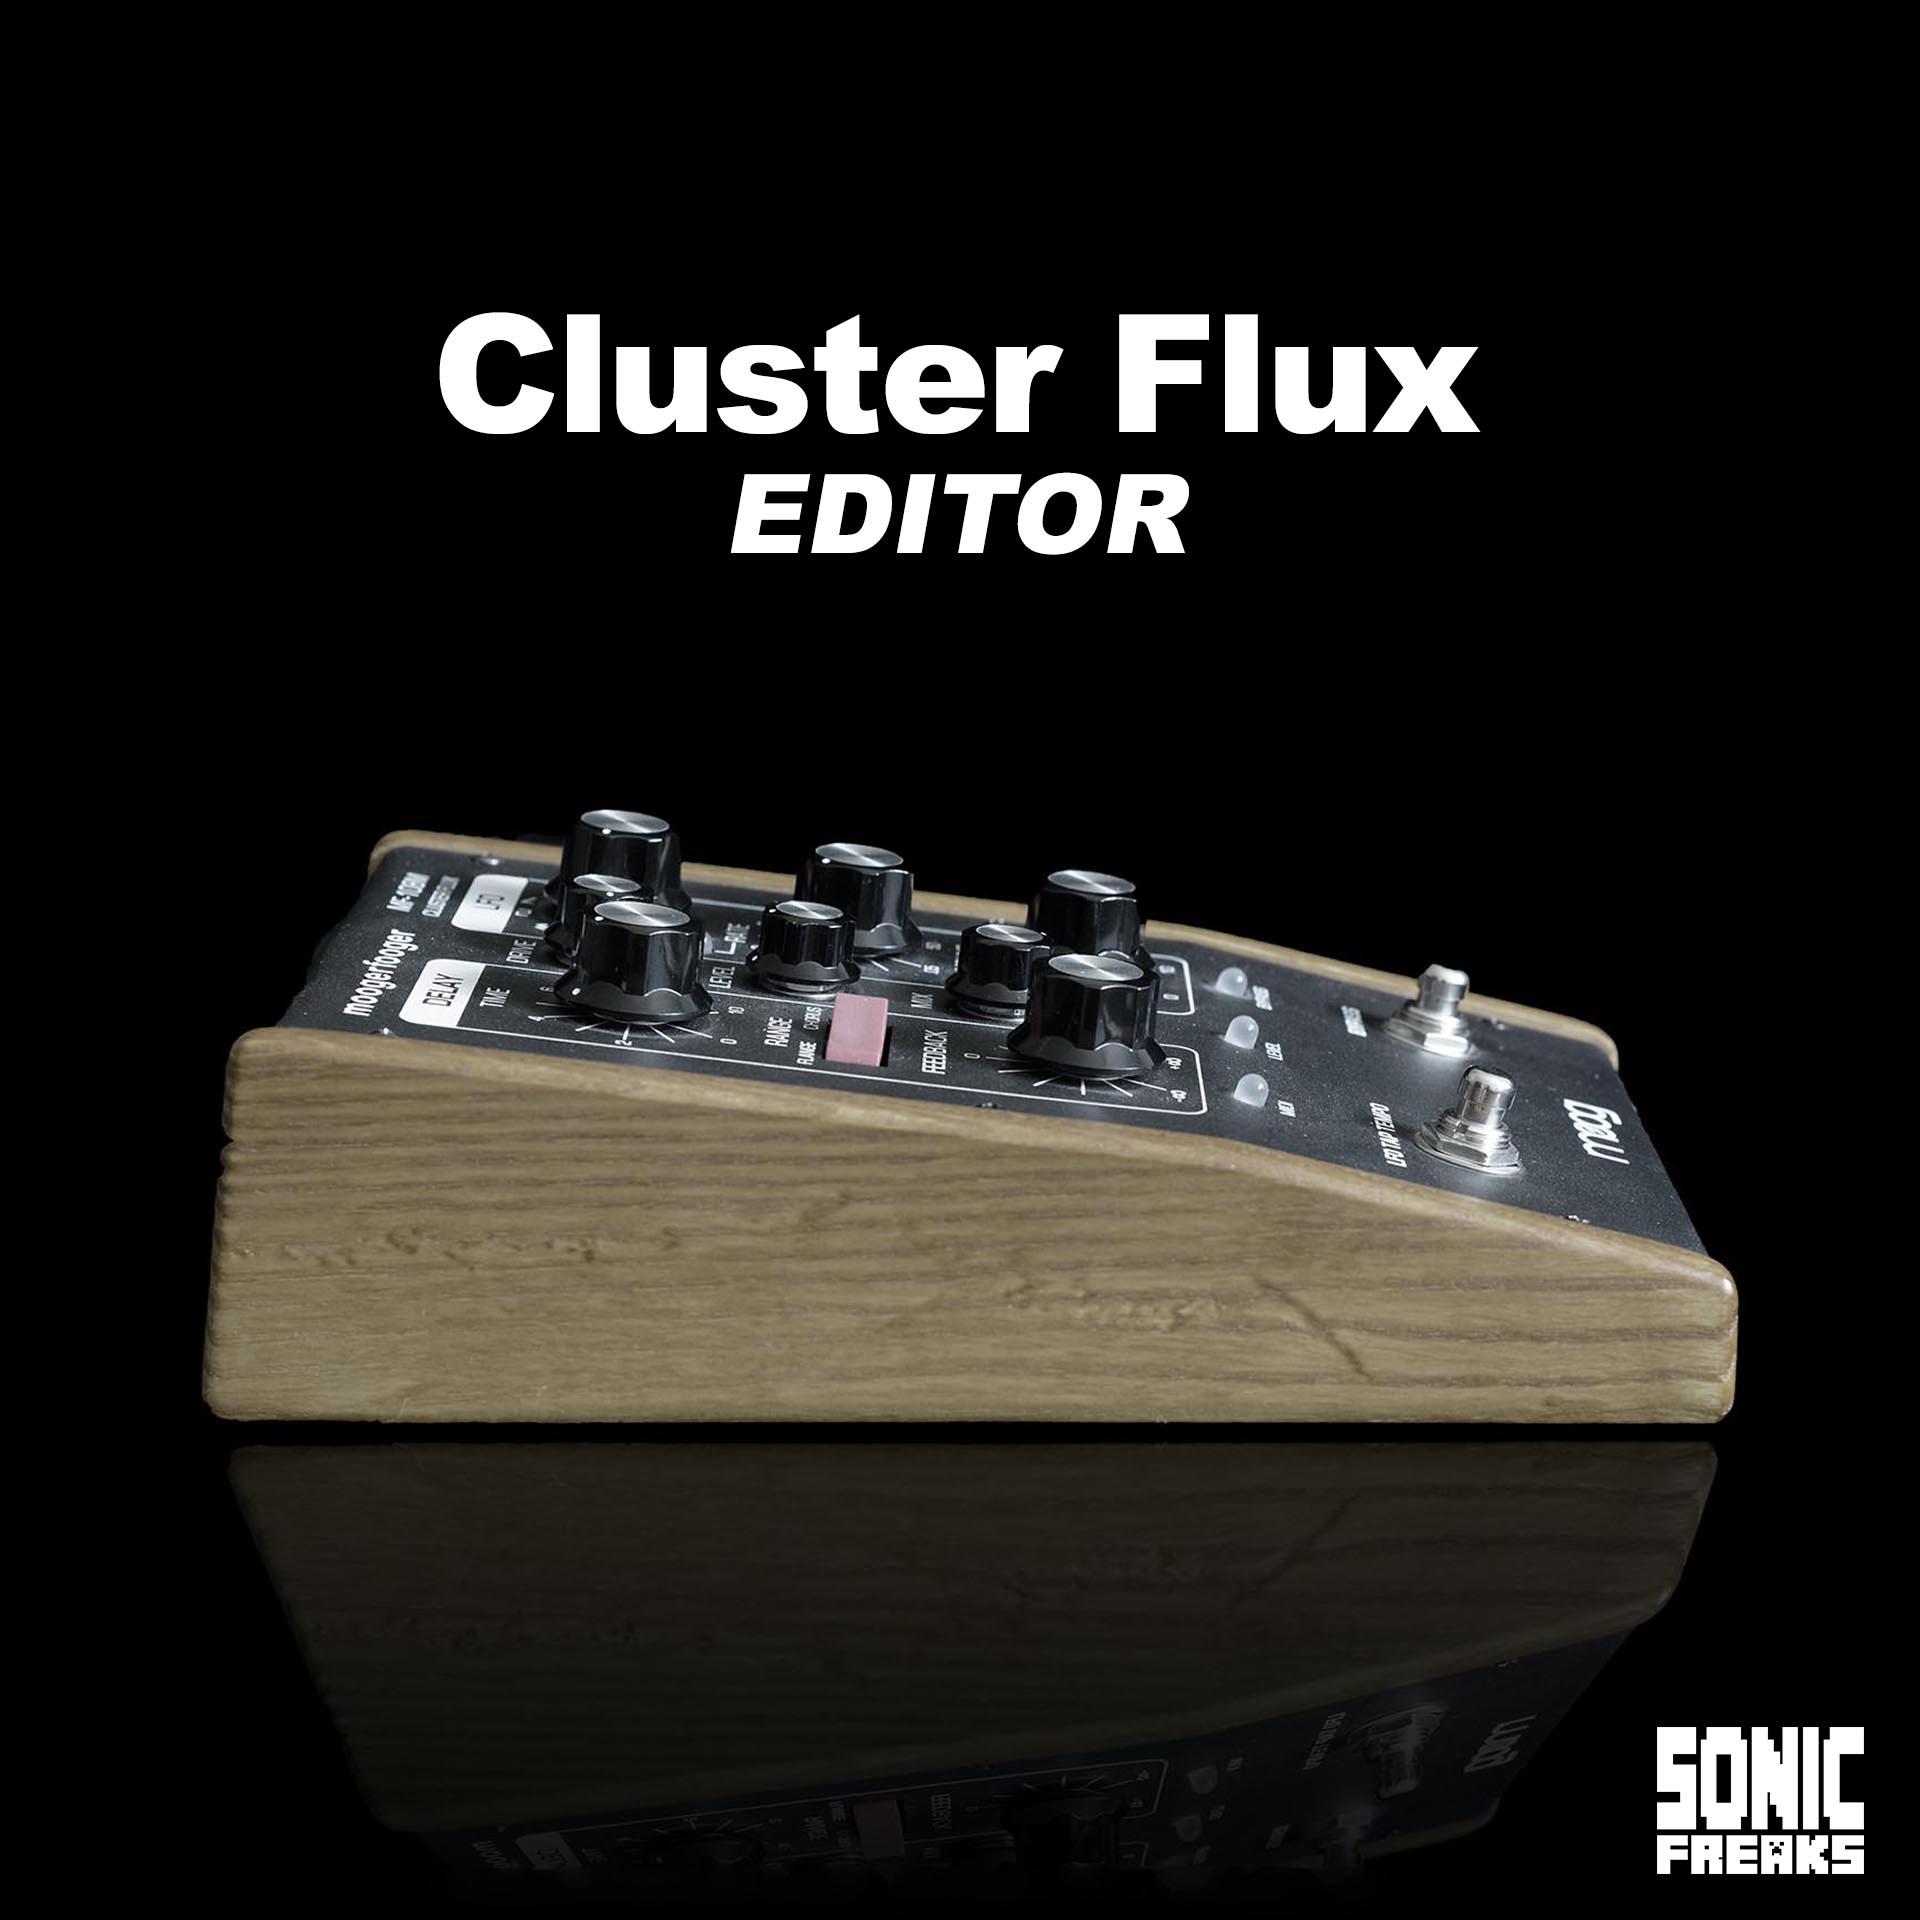 Cluster Flux Editor